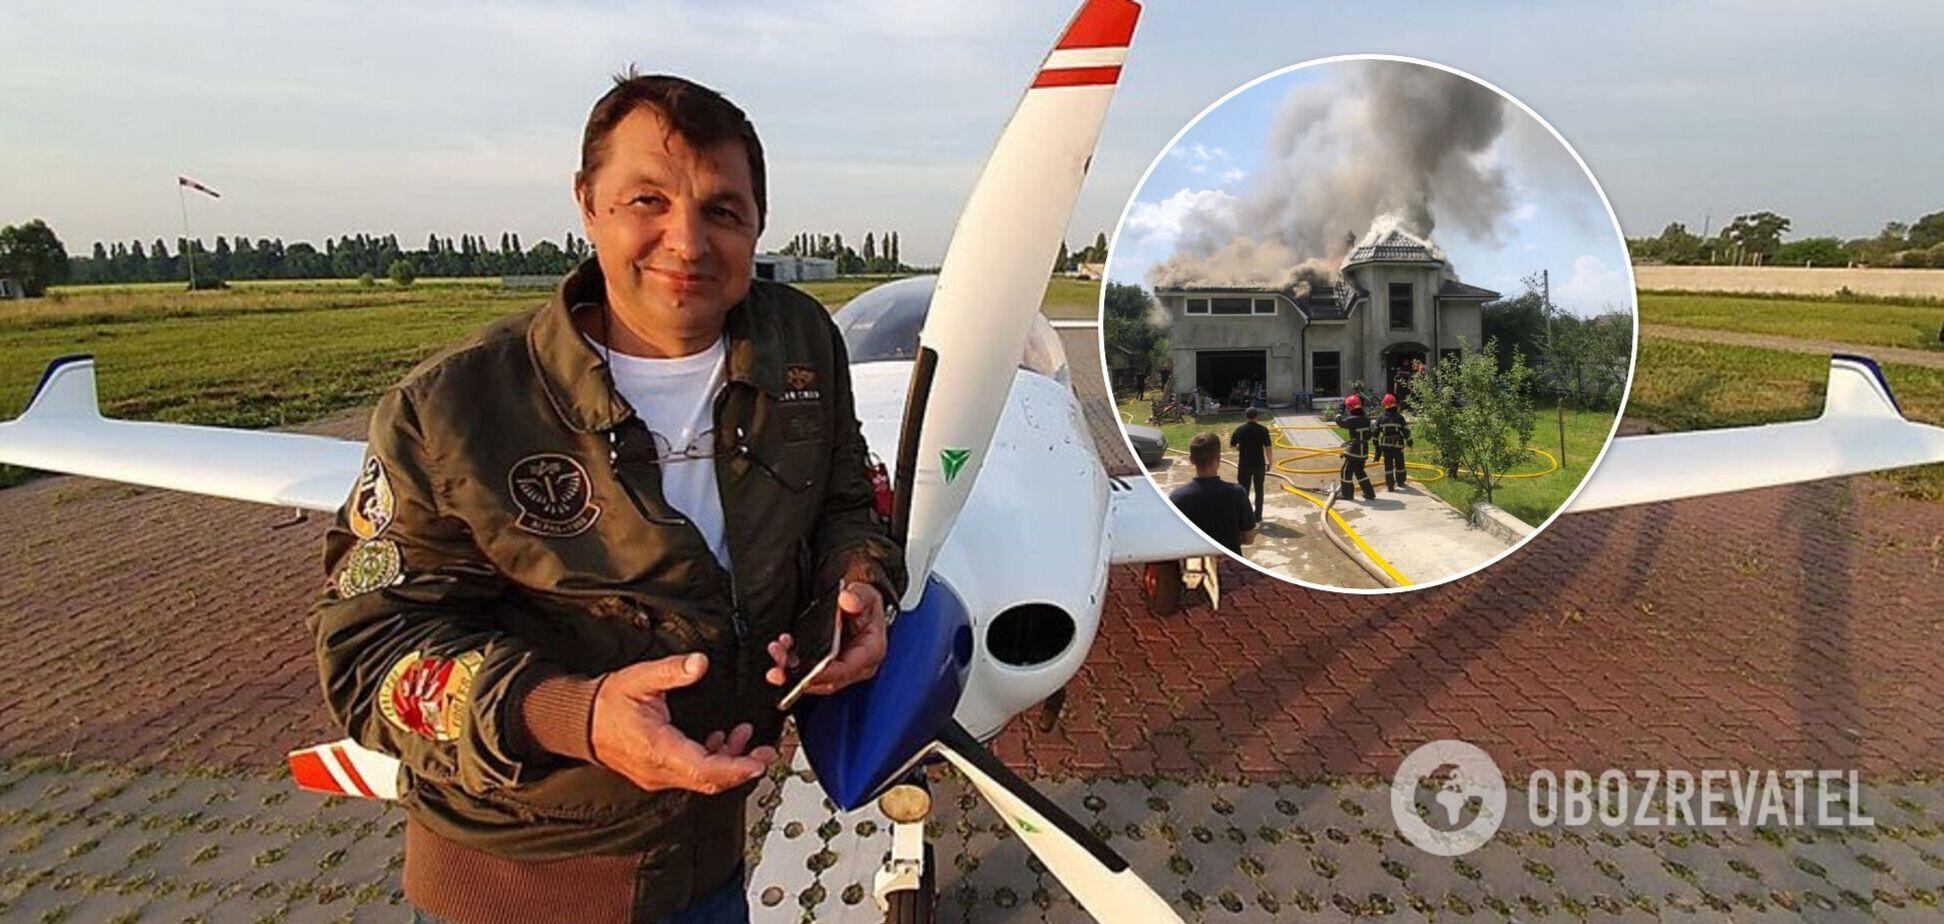 Люди скаржилися на польоти літаків над будинками: подробиці авіакатастрофи на Прикарпатті